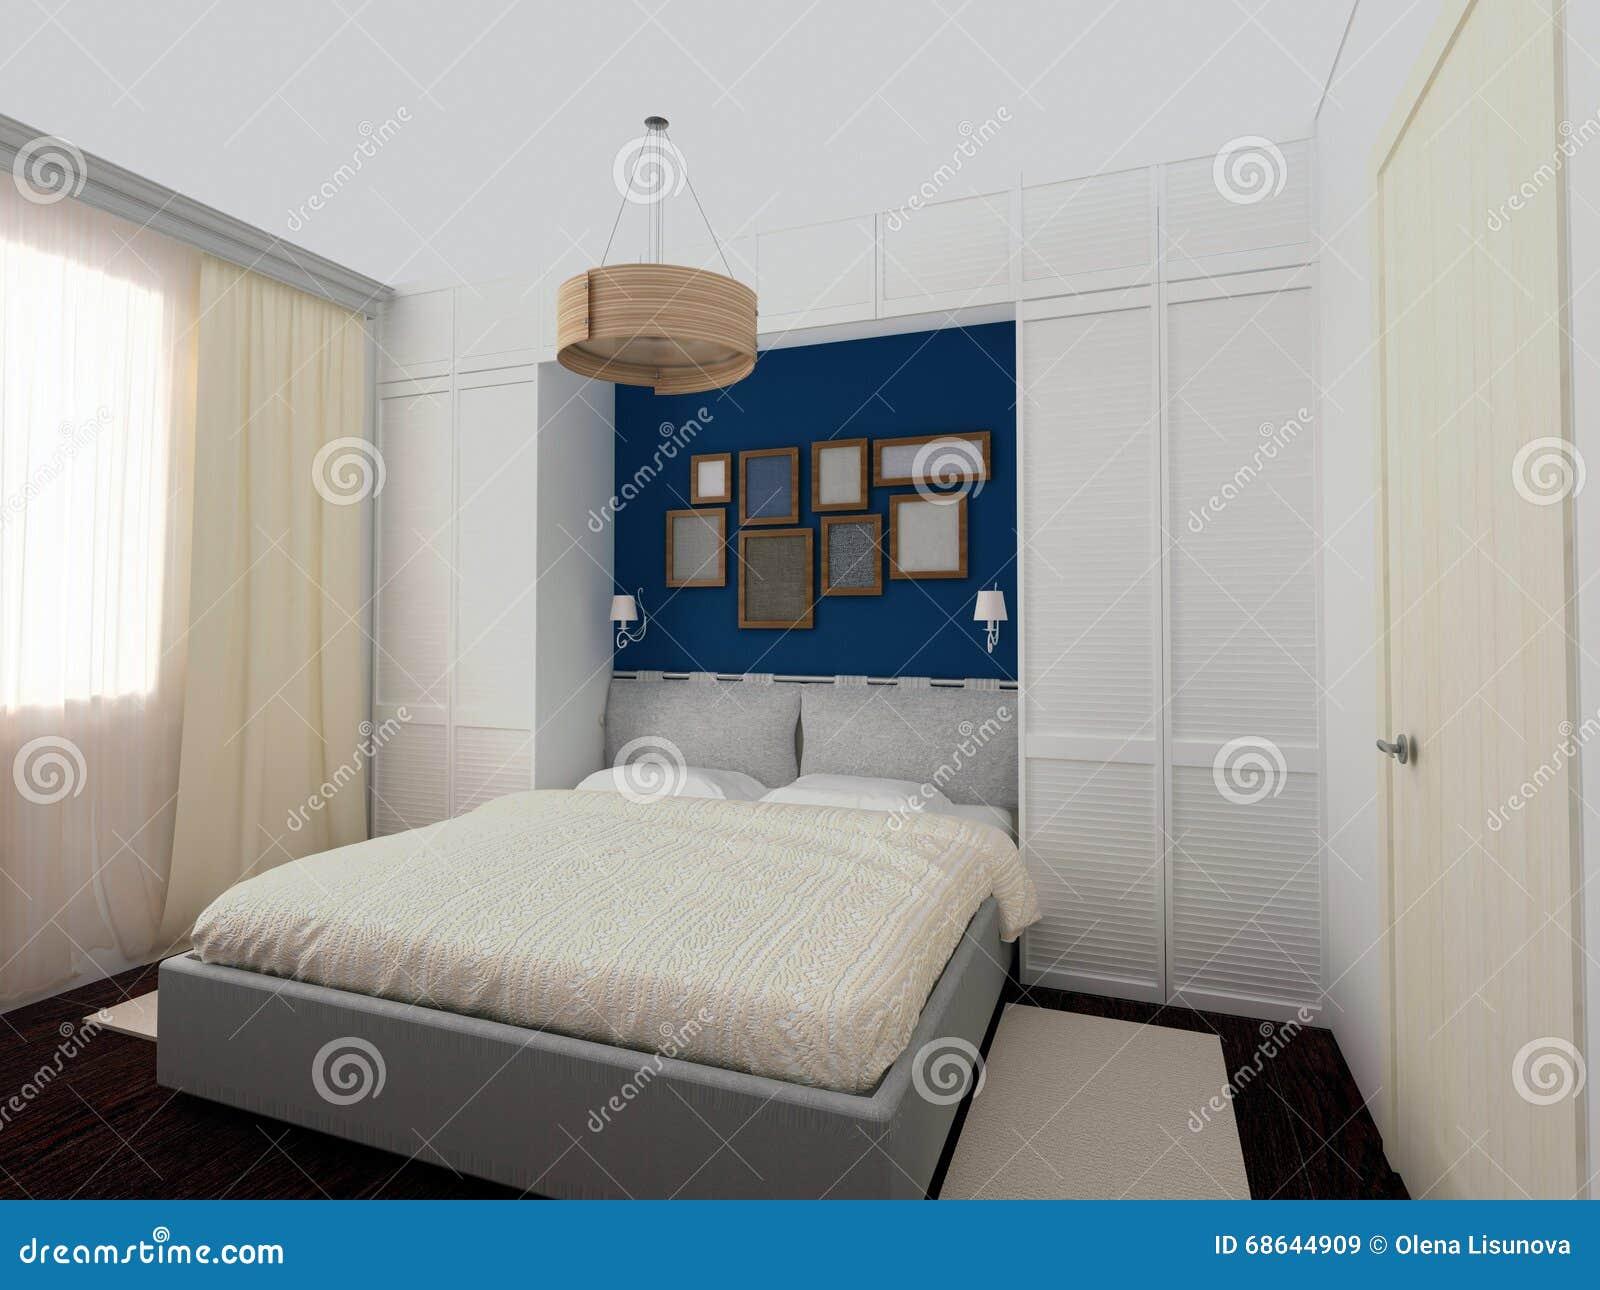 Camera Da Letto Blu Notte : Camera da letto bianca e blu illustrazione di stock